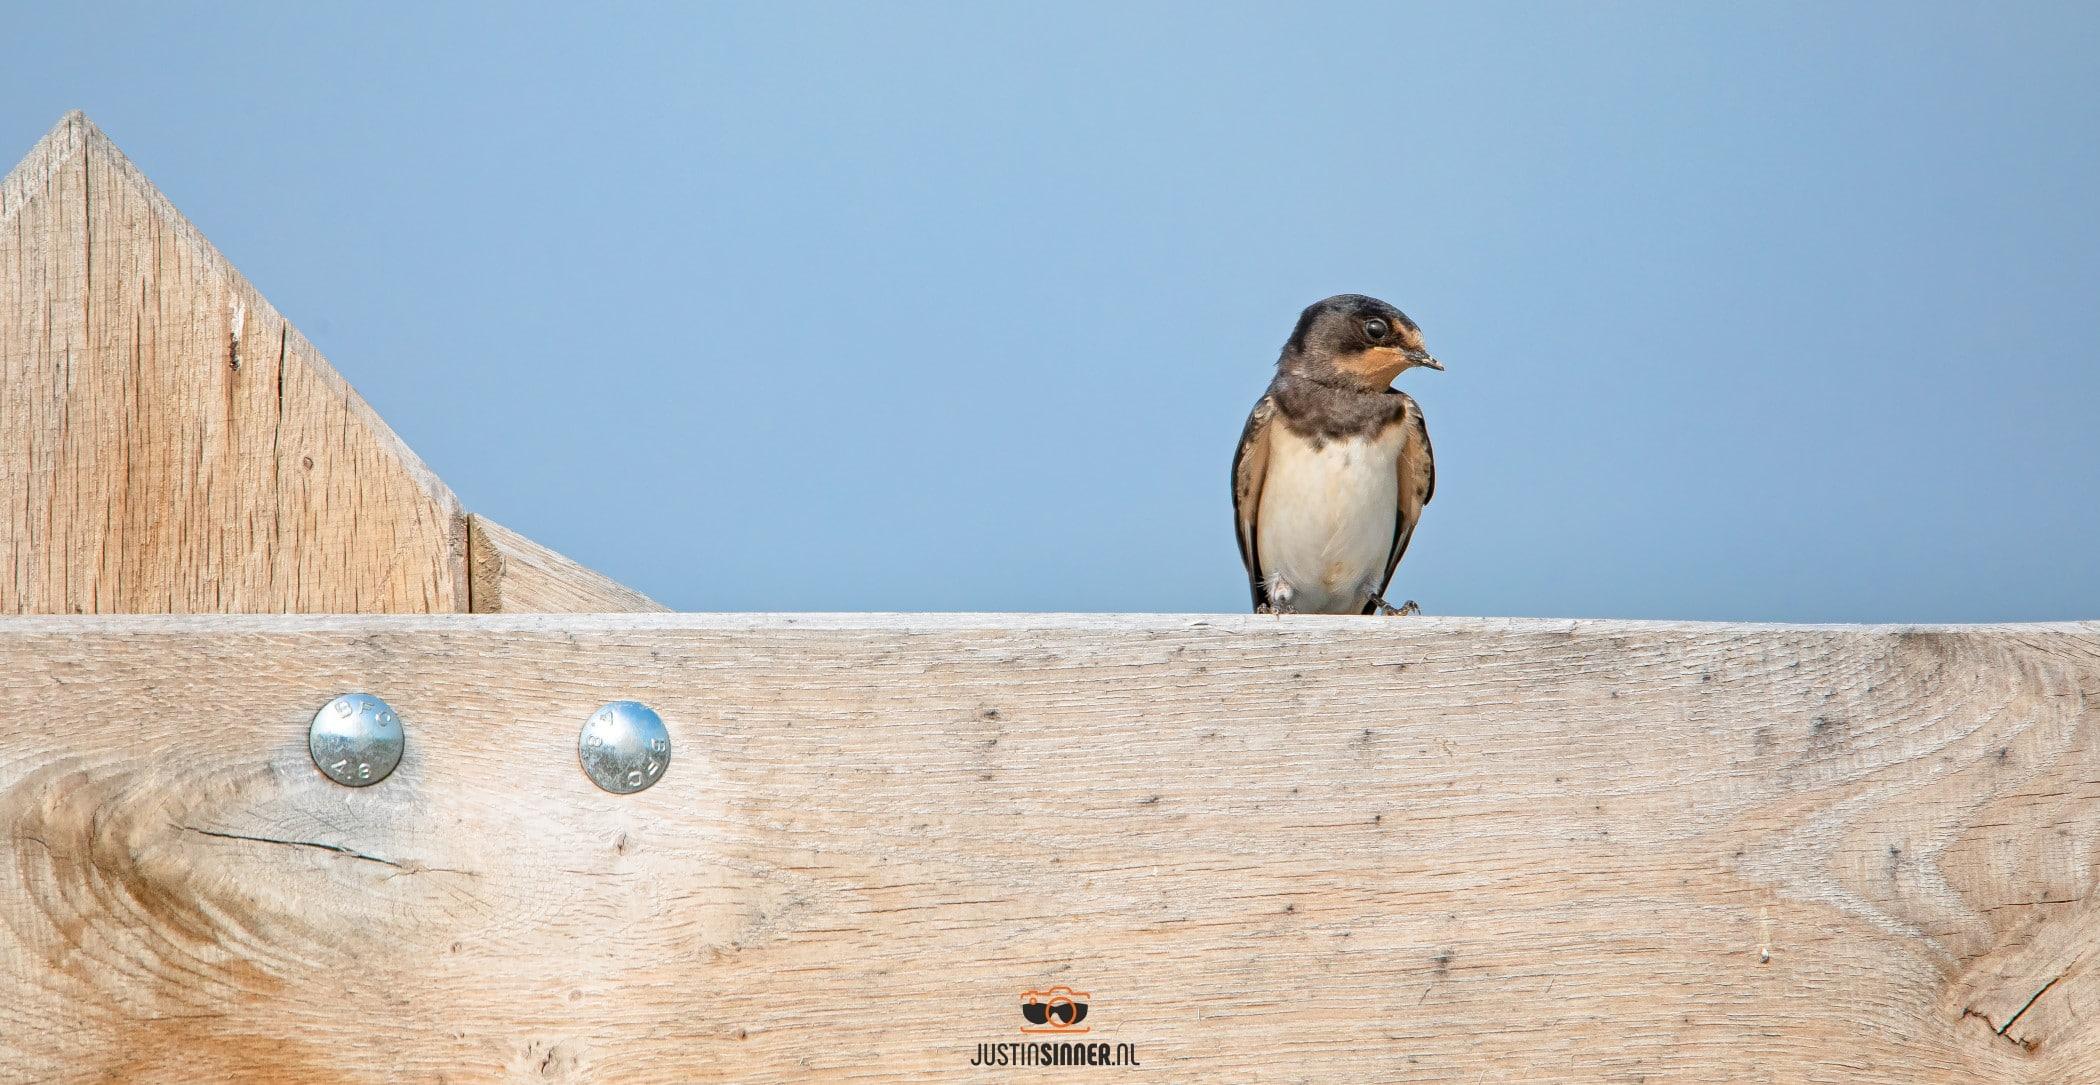 Boerenzwaluw op een boerenhek / Barn swallow on a farm fence